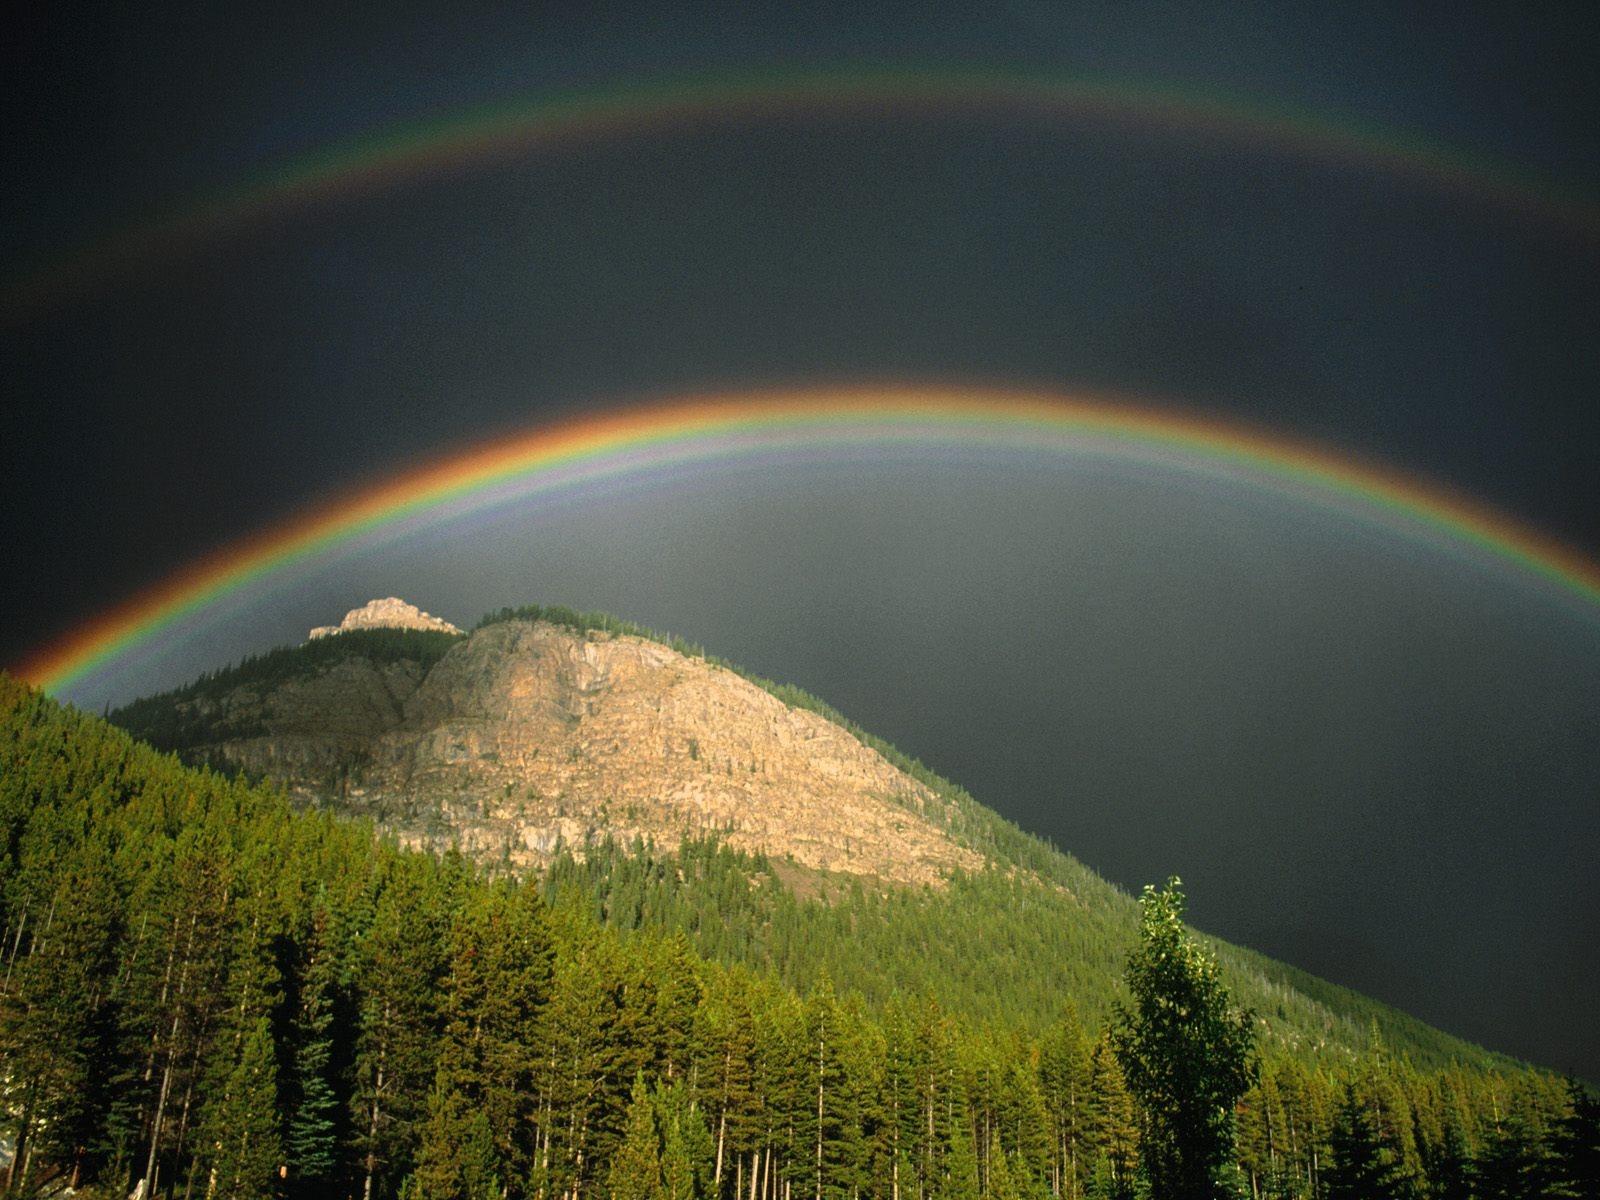 http://3.bp.blogspot.com/-p9ApaS-QZO4/TtRvGQJTivI/AAAAAAAAEP0/TJ7HKw3RJjw/s1600/canadian-rockies-banff-national-park-alberta---1600x1200.jpg